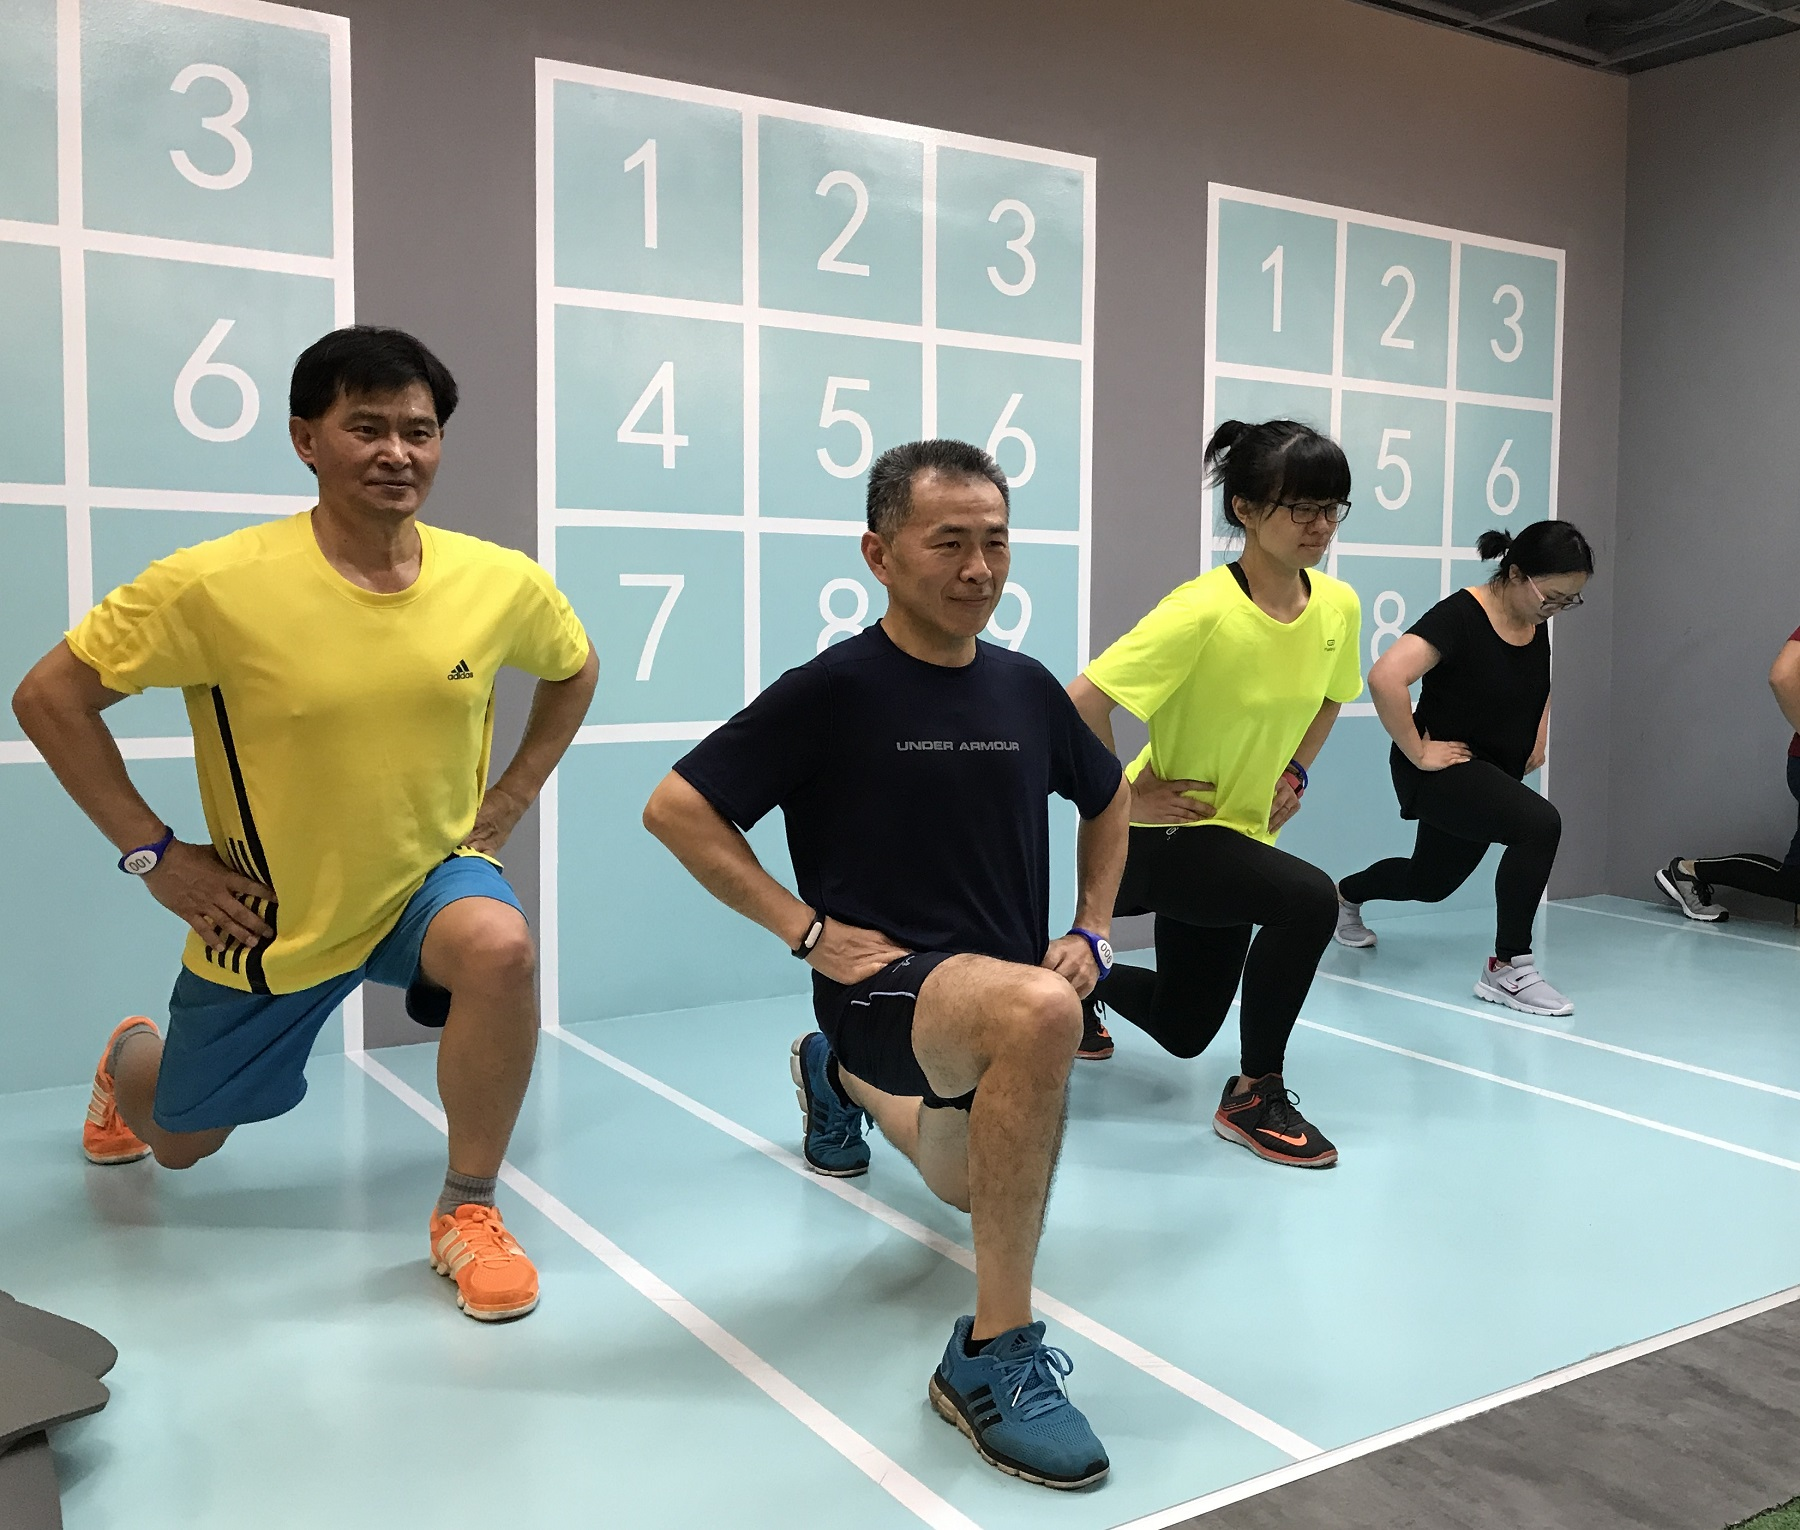 通稿照片3-「健康體位挑戰營」也搭配自主運動訓練,如深蹲、棒式等,讓學員平日在家也能養成規律運動習慣。.JPG